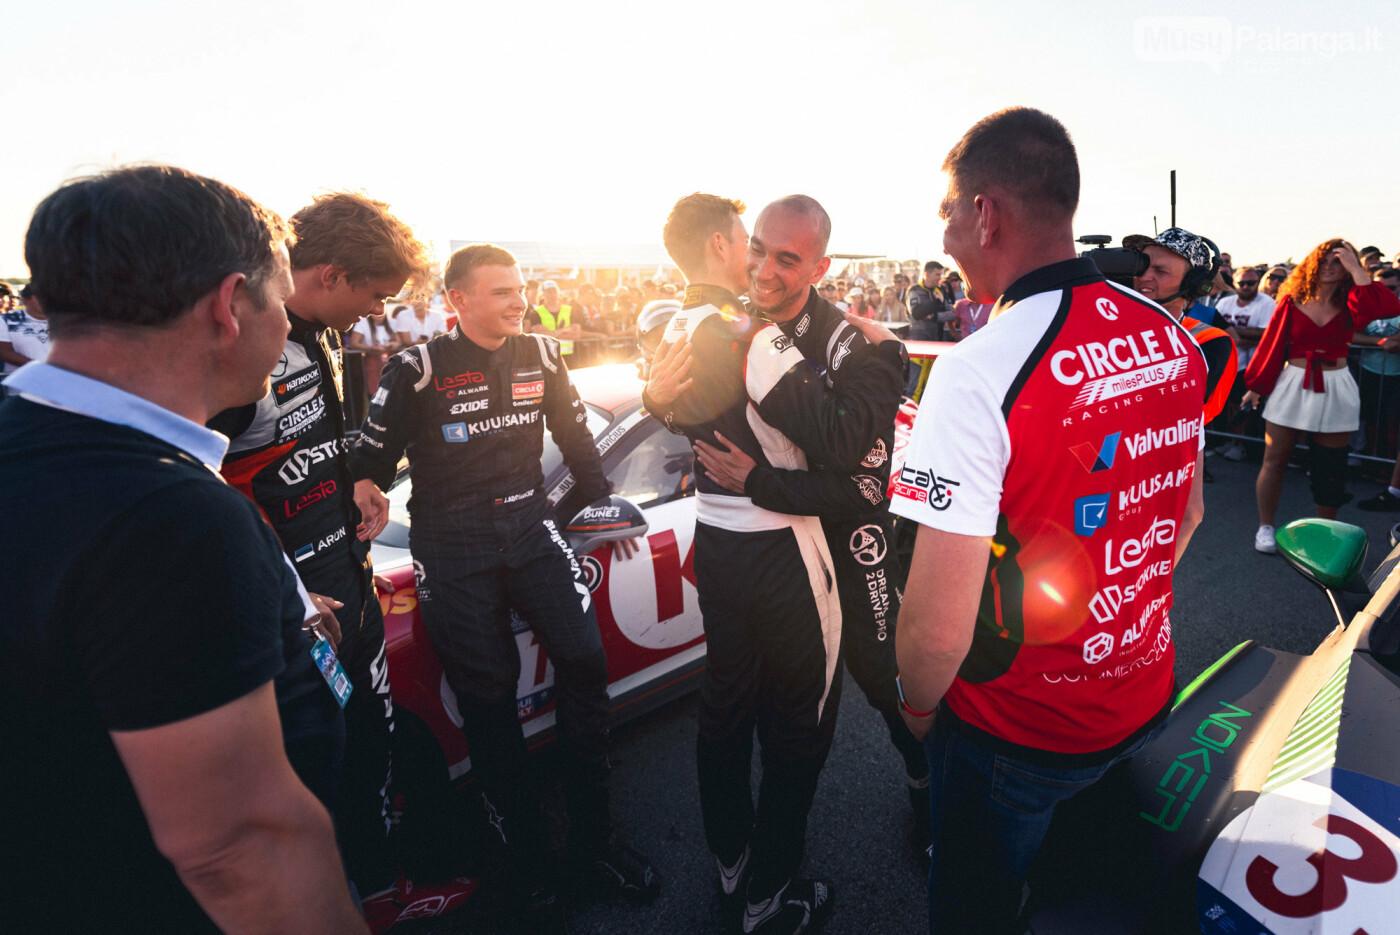 """""""Aurum 1006 km"""" lenktynėse Palangoje – praėjusių metų nugalėtojų triumfas , nuotrauka-8, Vytauto PILKAUSKO ir Arno STRUMILOS nuotr."""